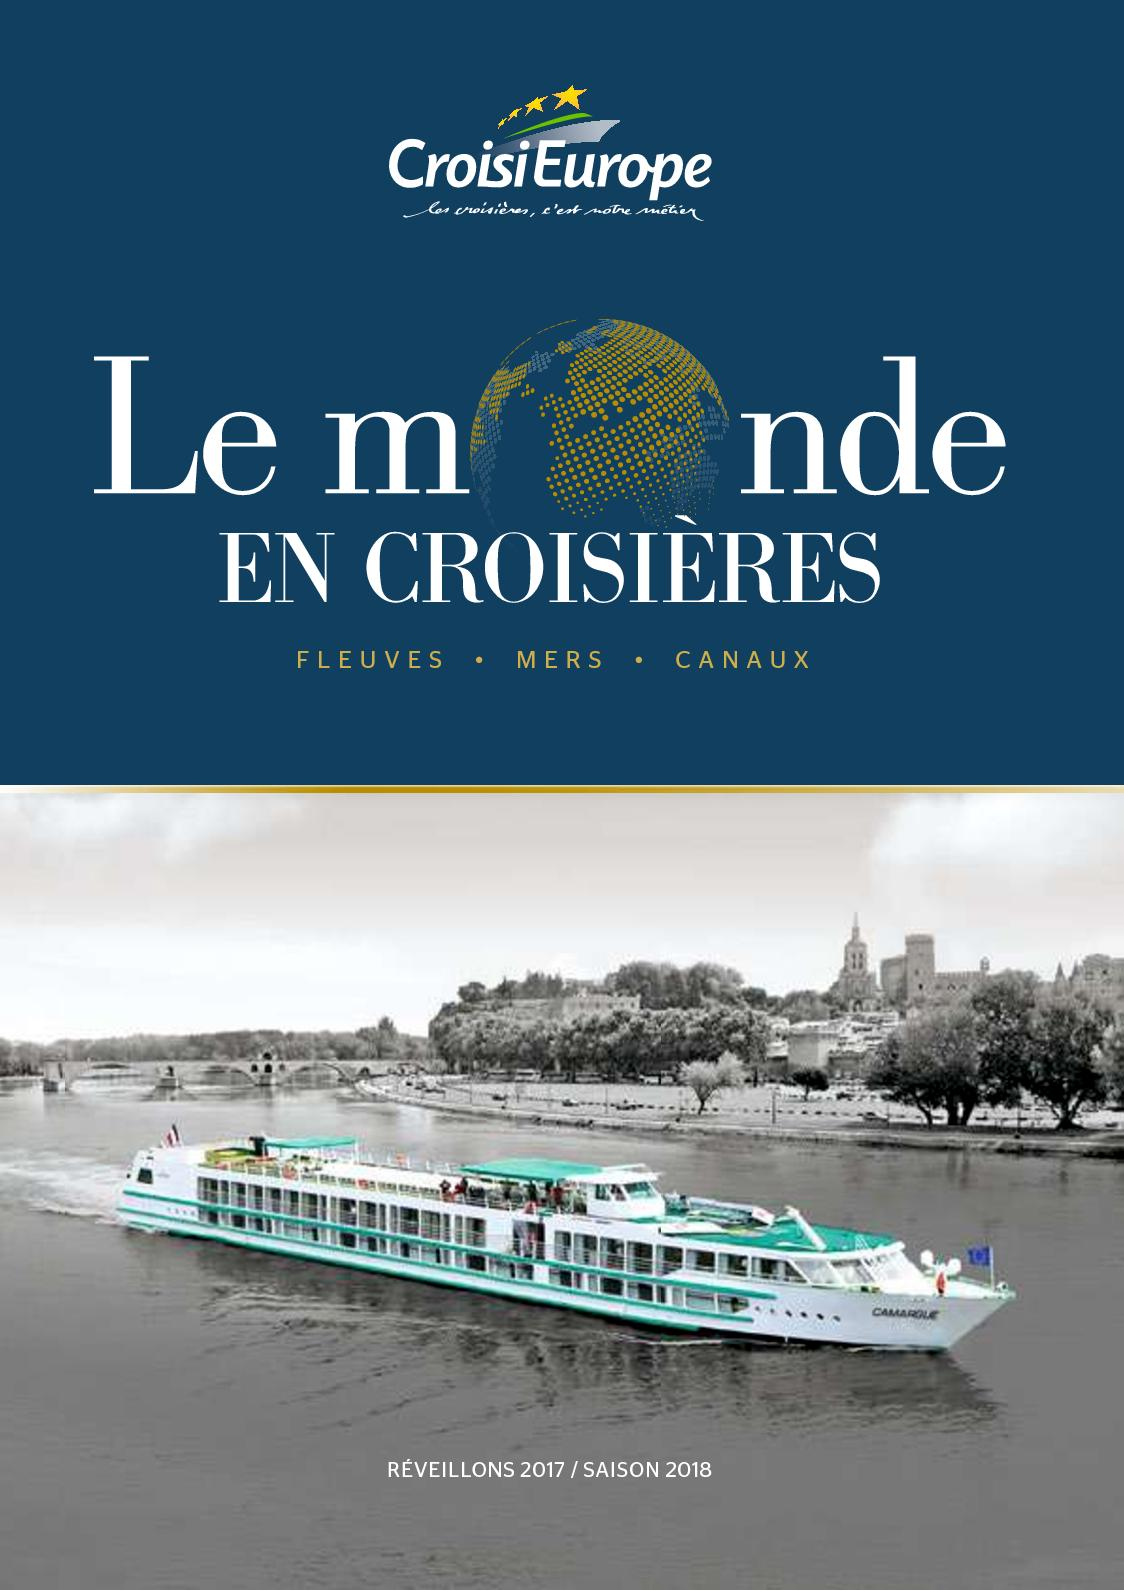 Le Monde Croisières Calaméo En 2018 O8Pn0kwX